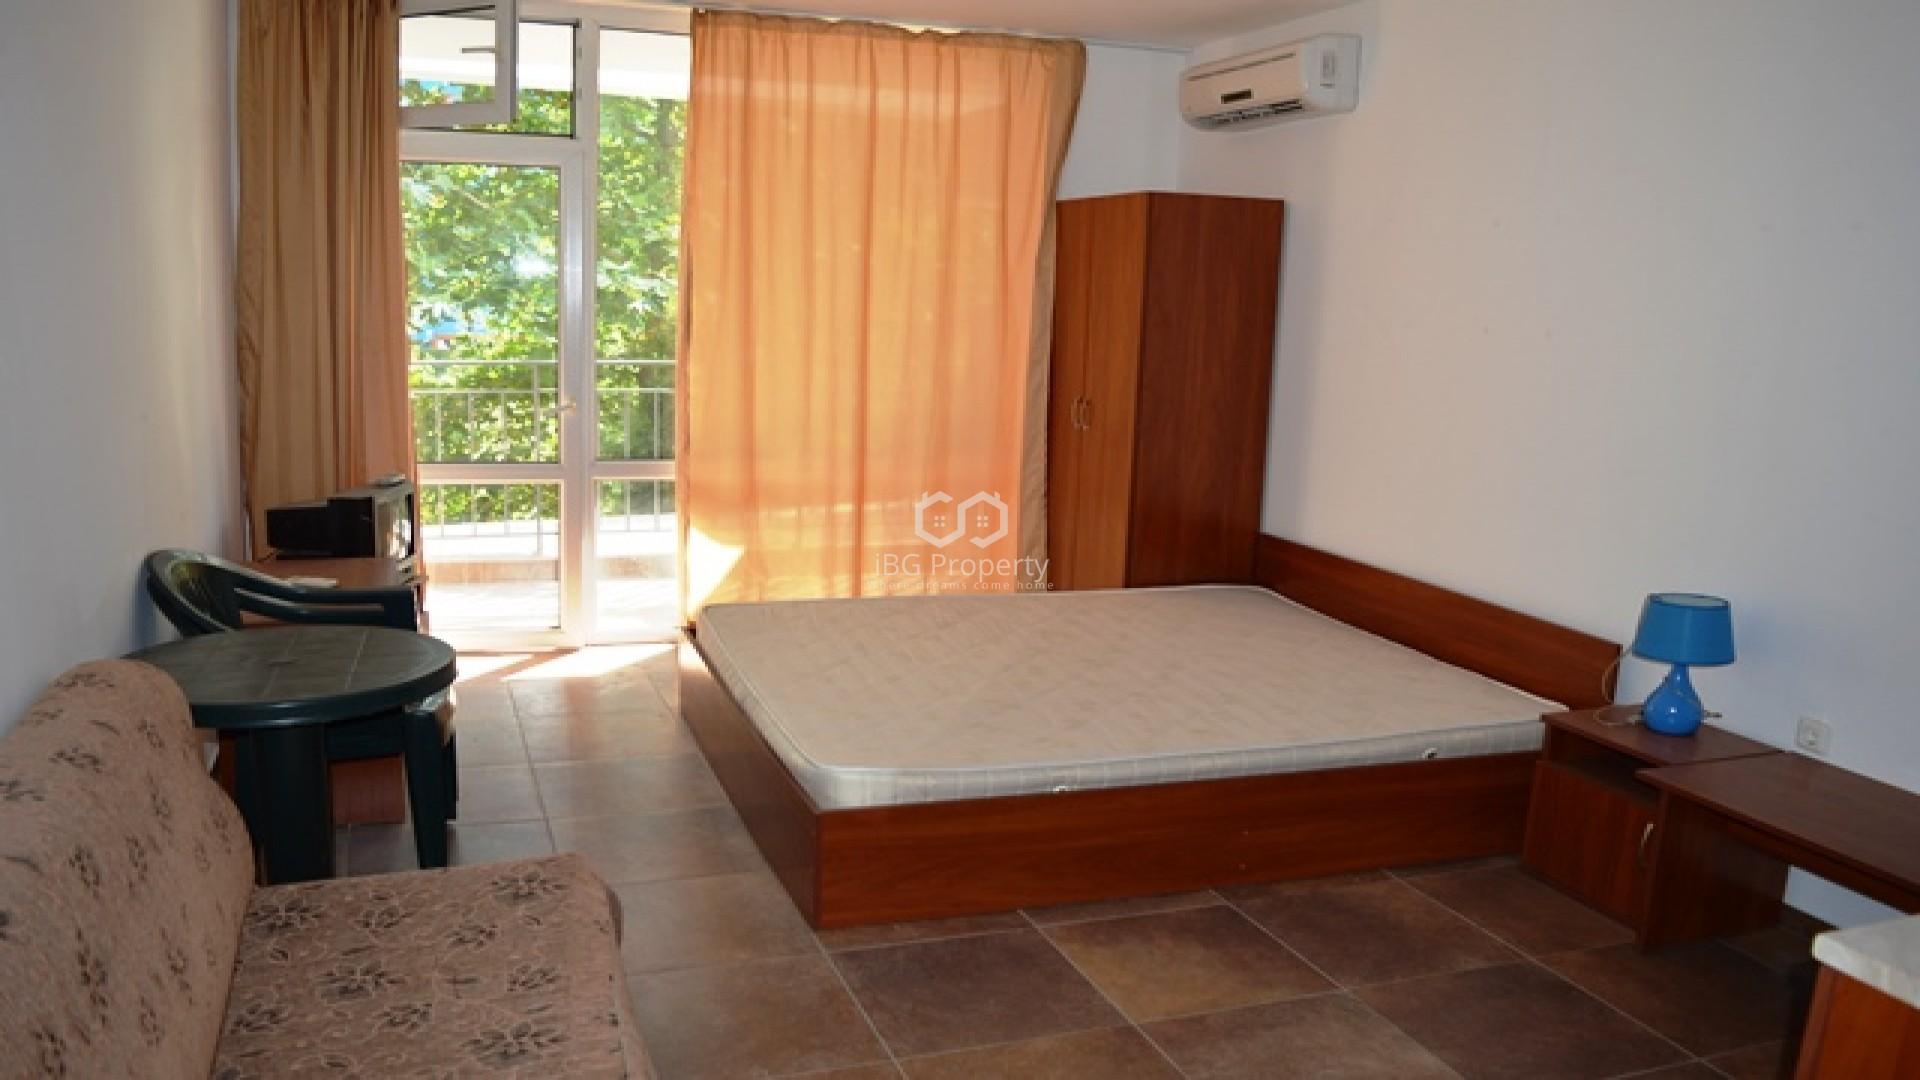 Едностаен апартамент Слънчев Бряг 32 m2